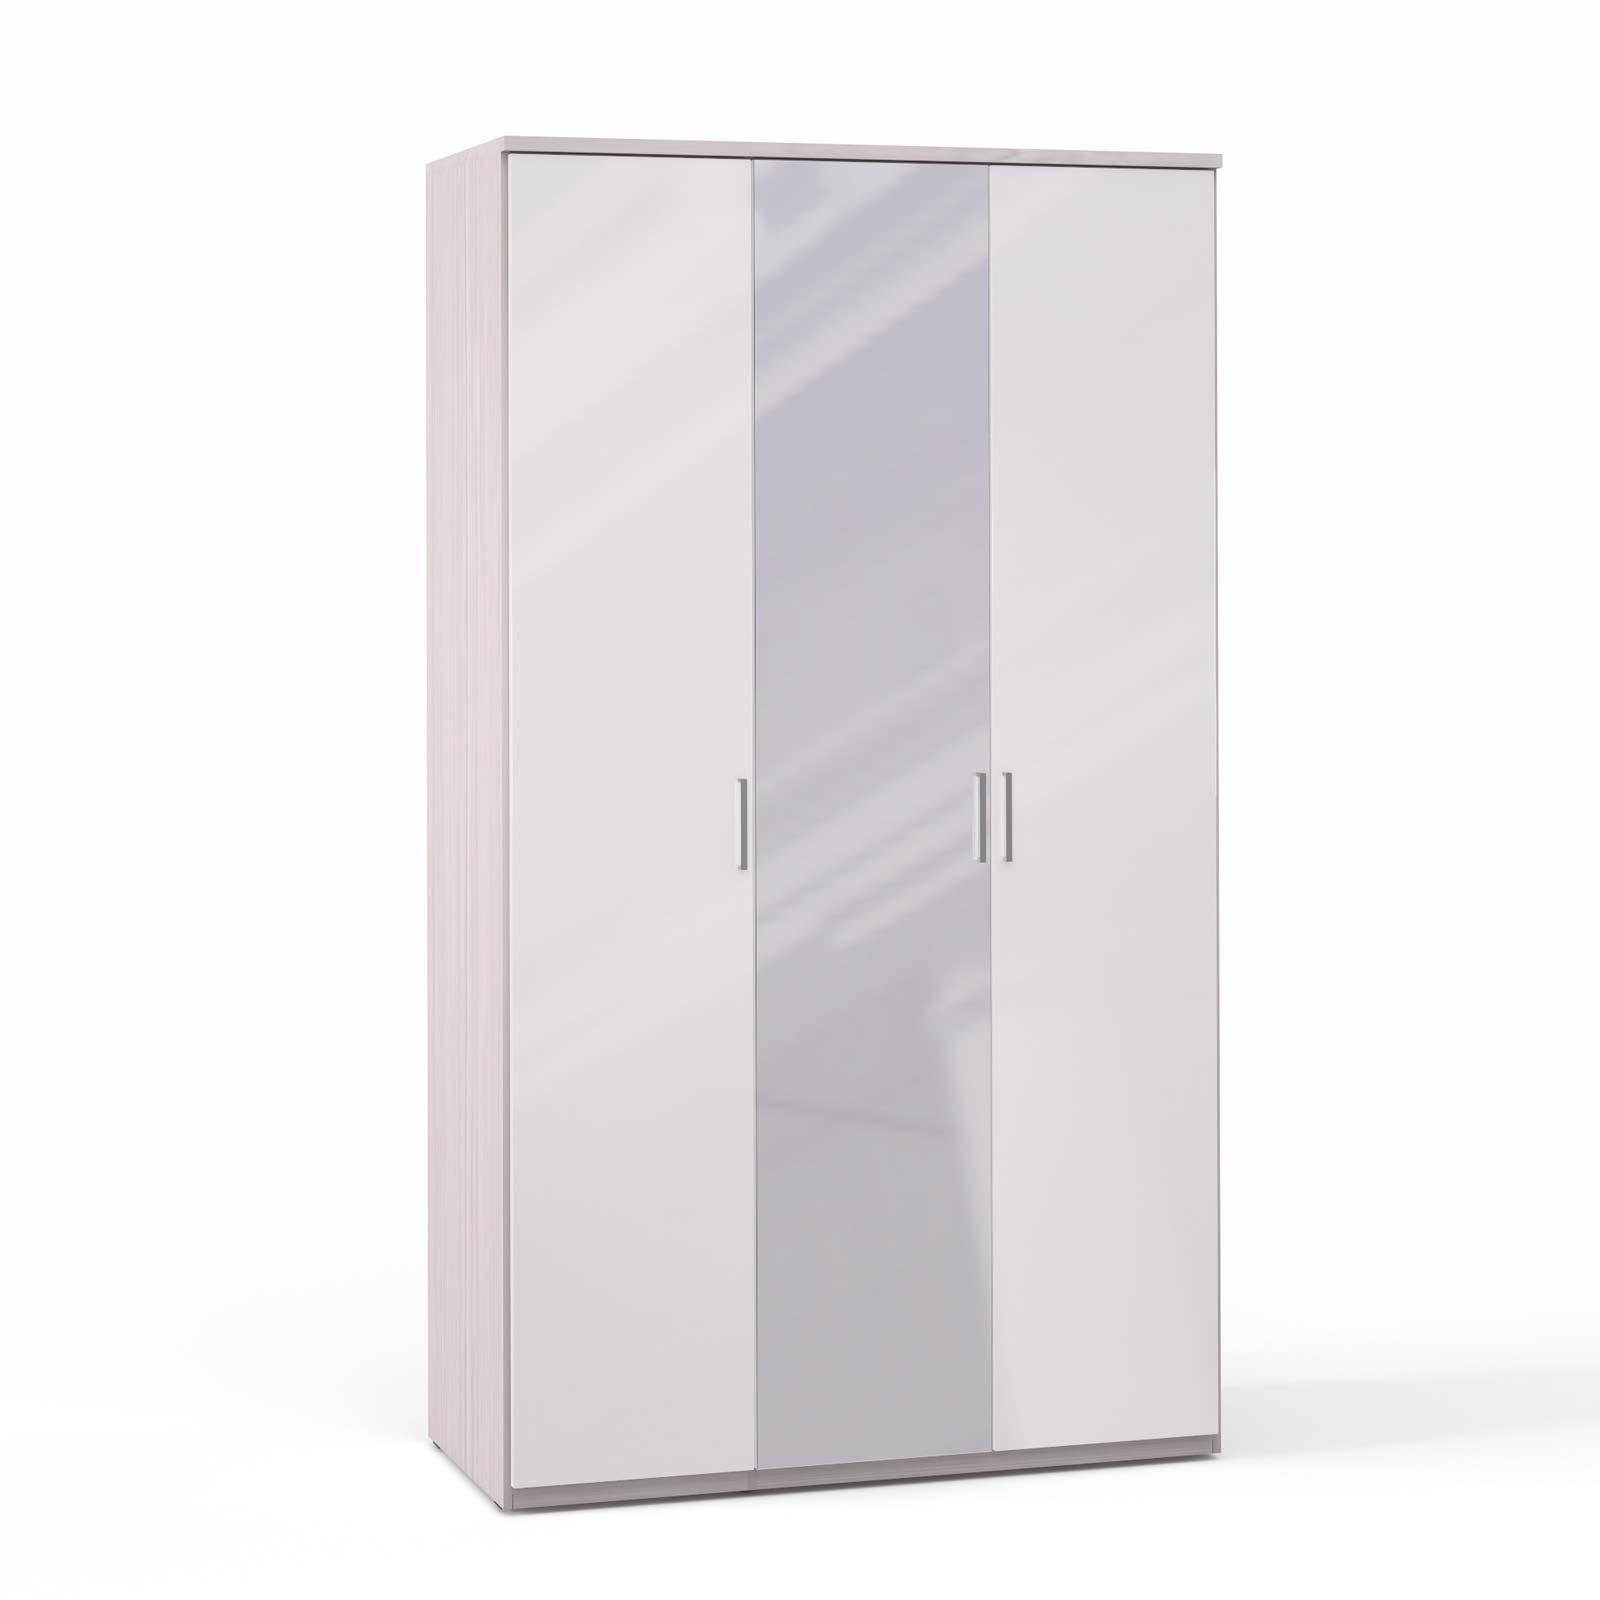 Спальня Rimini Ice Шкаф 3 дв. (1+2) с зерк. - 5490